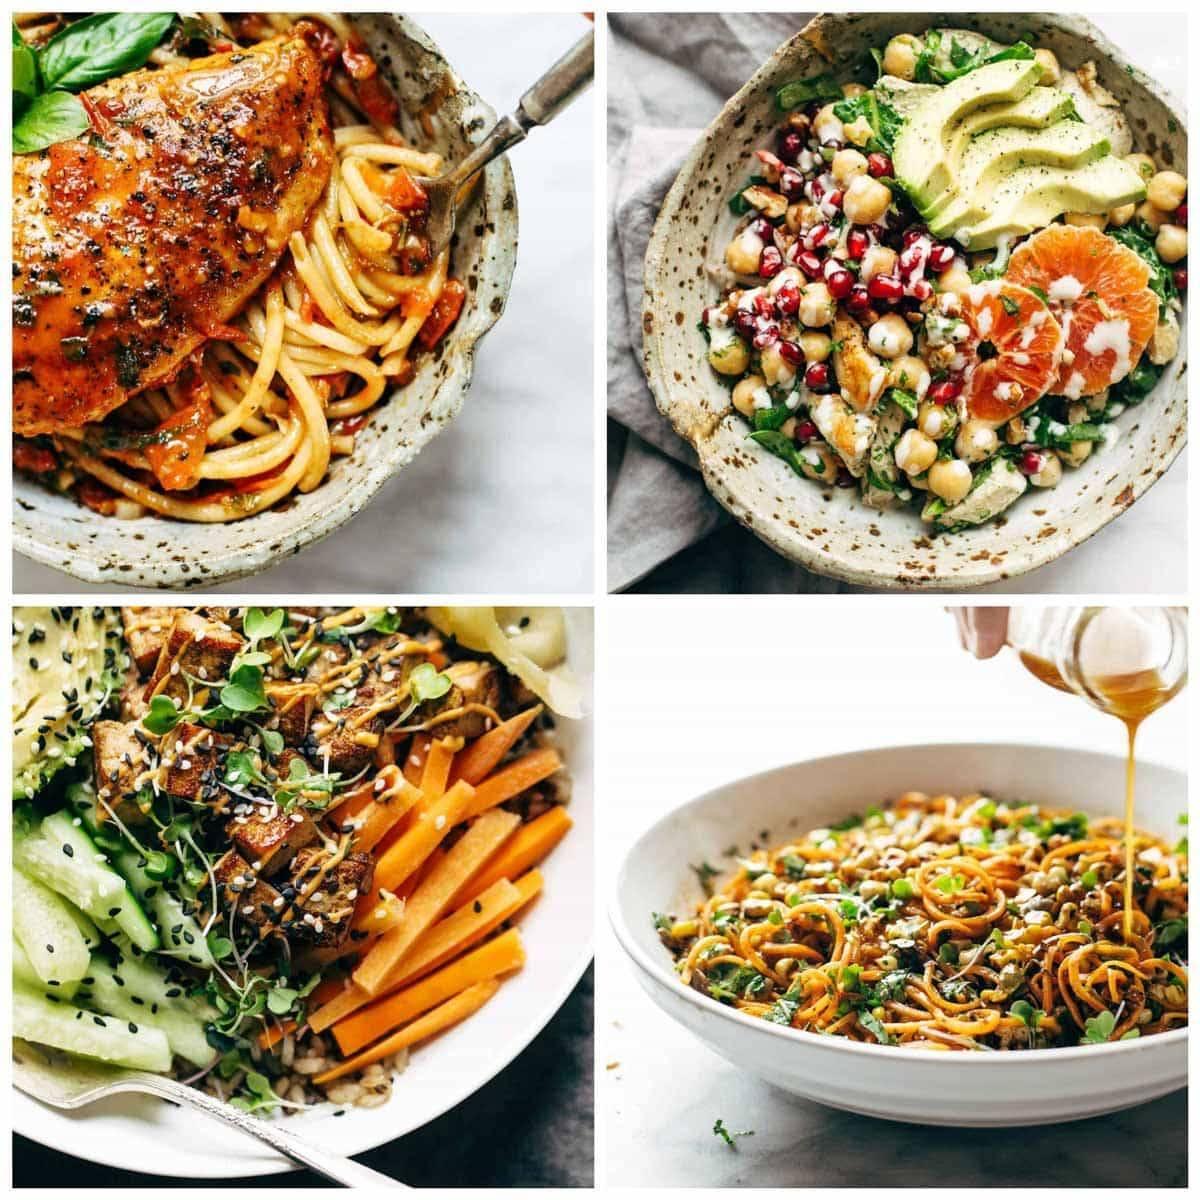 Viral-Food-Photos-1